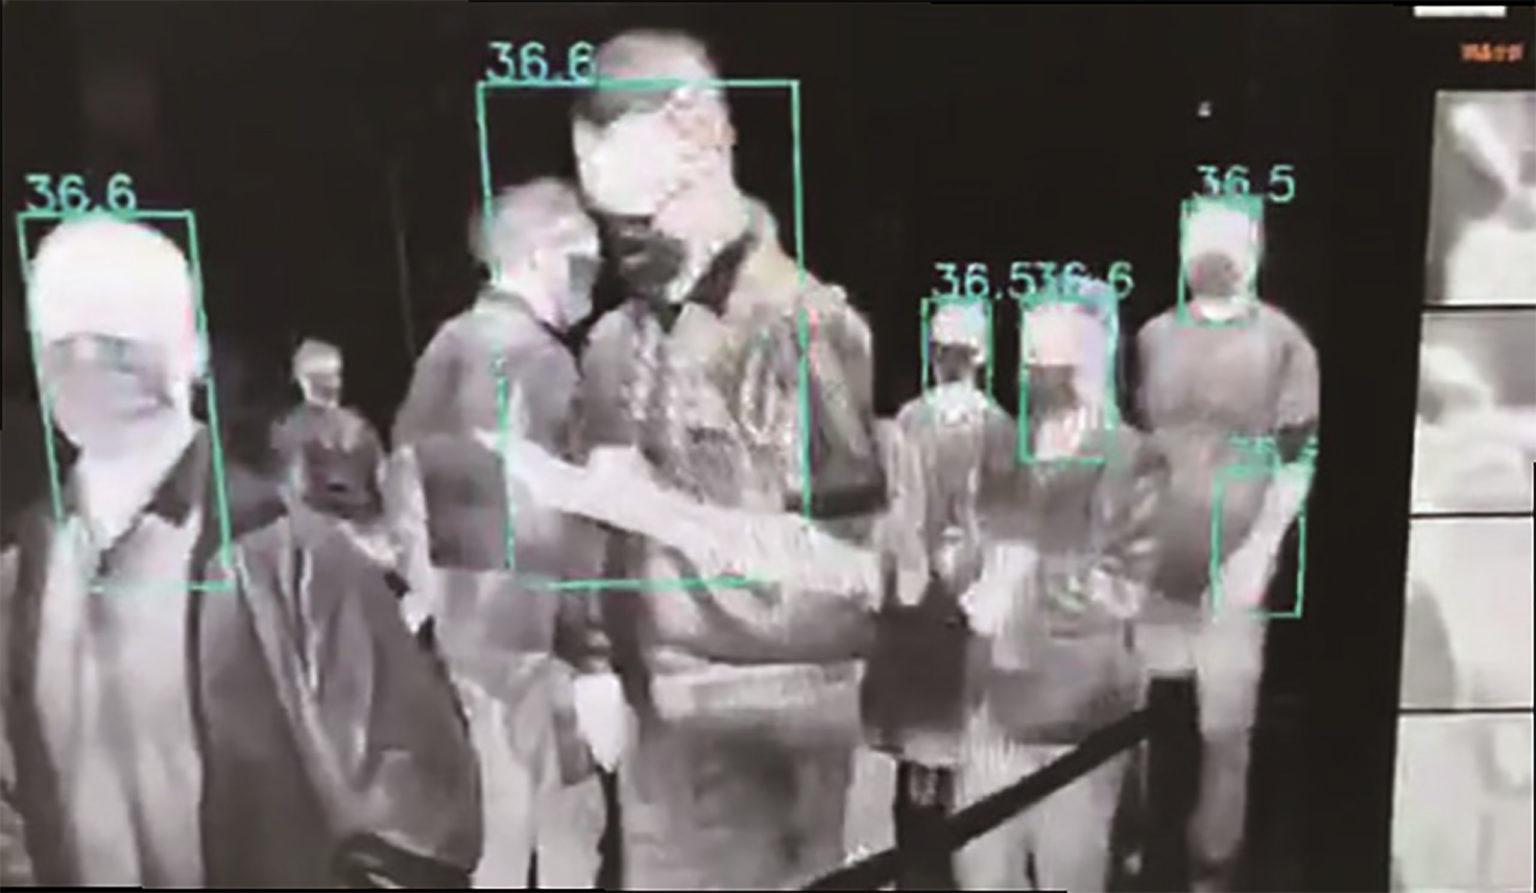 fever scanning